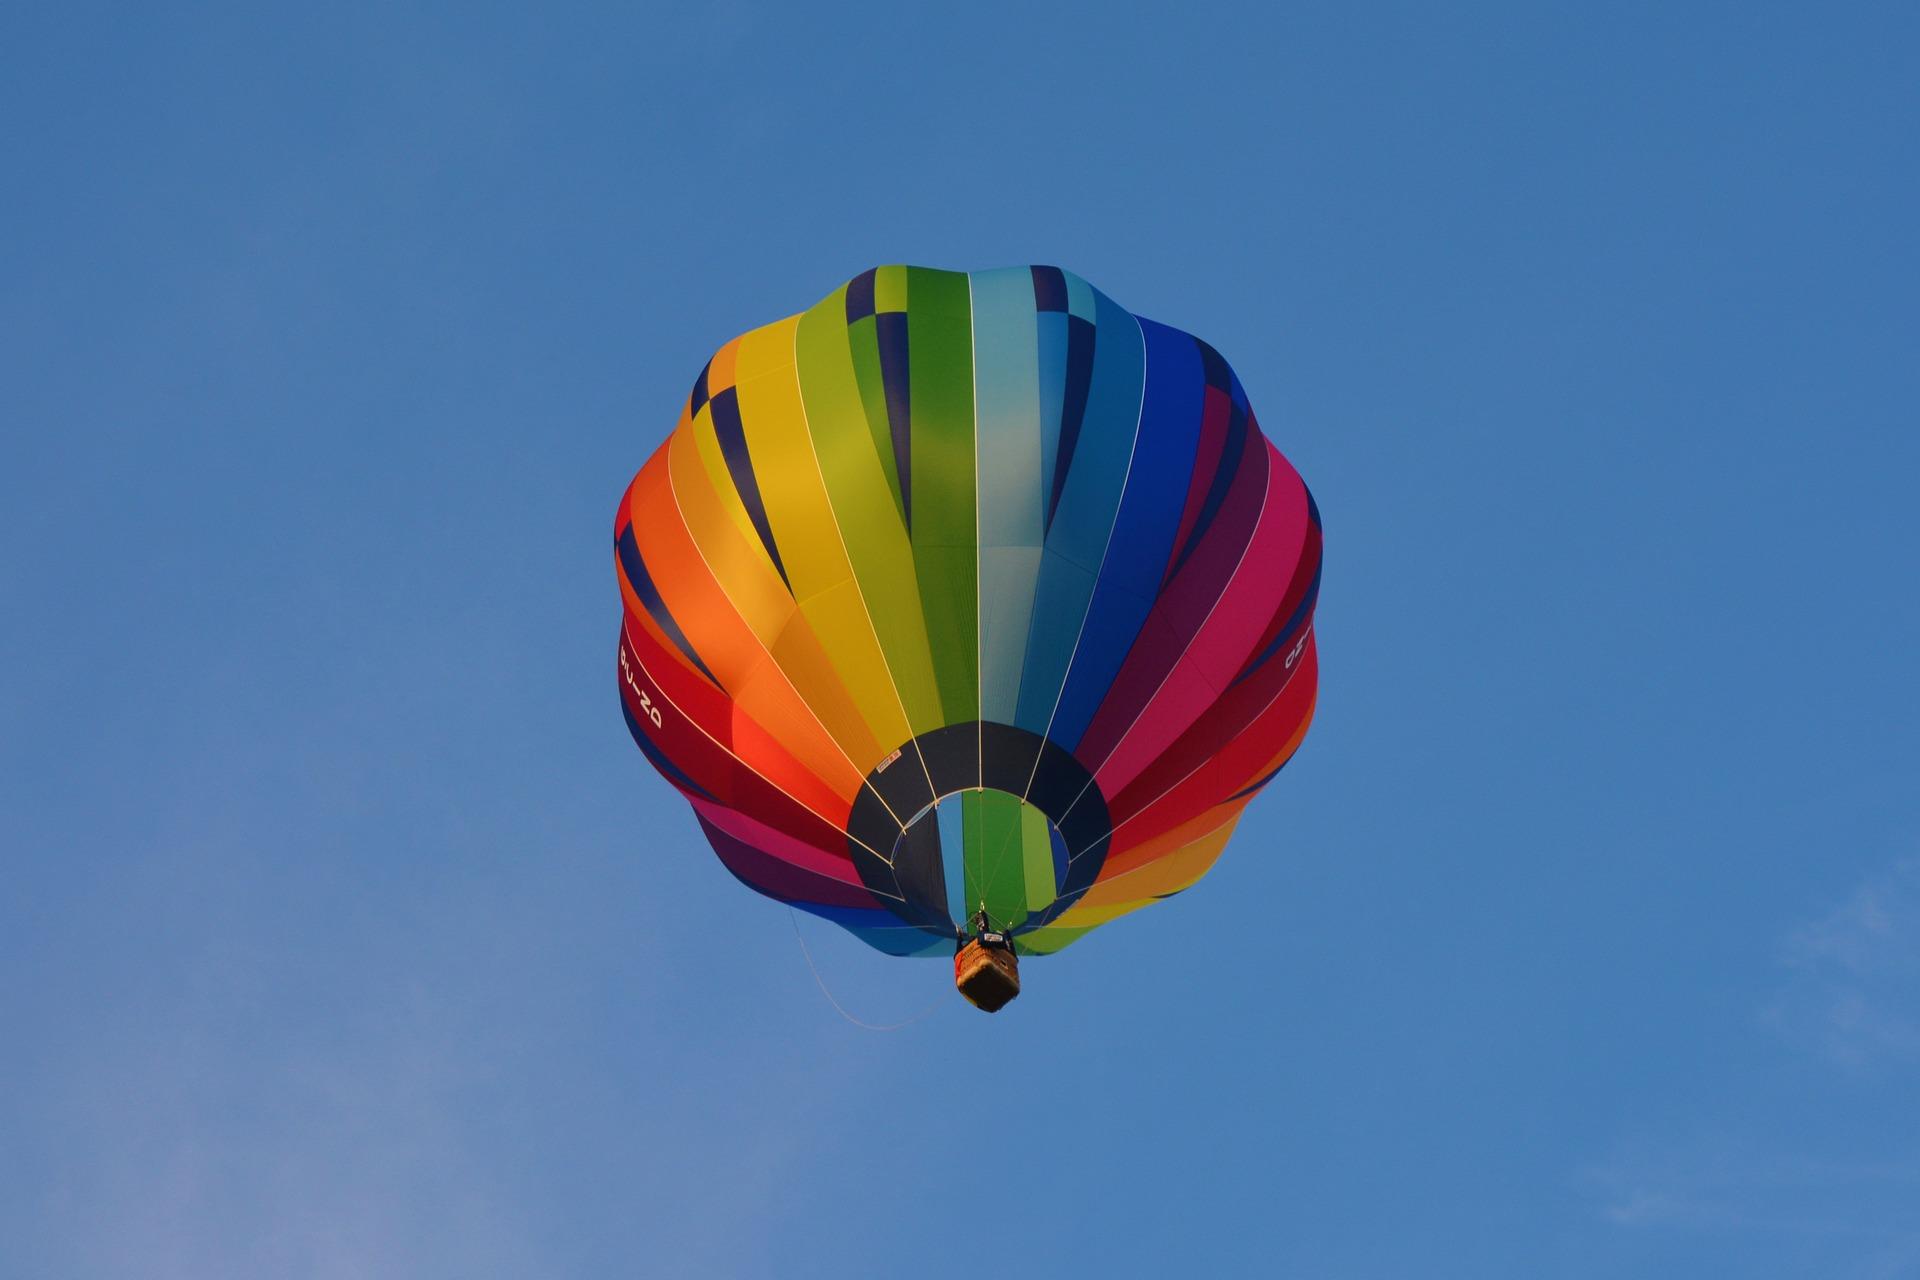 balloon-1598150_1920.jpg